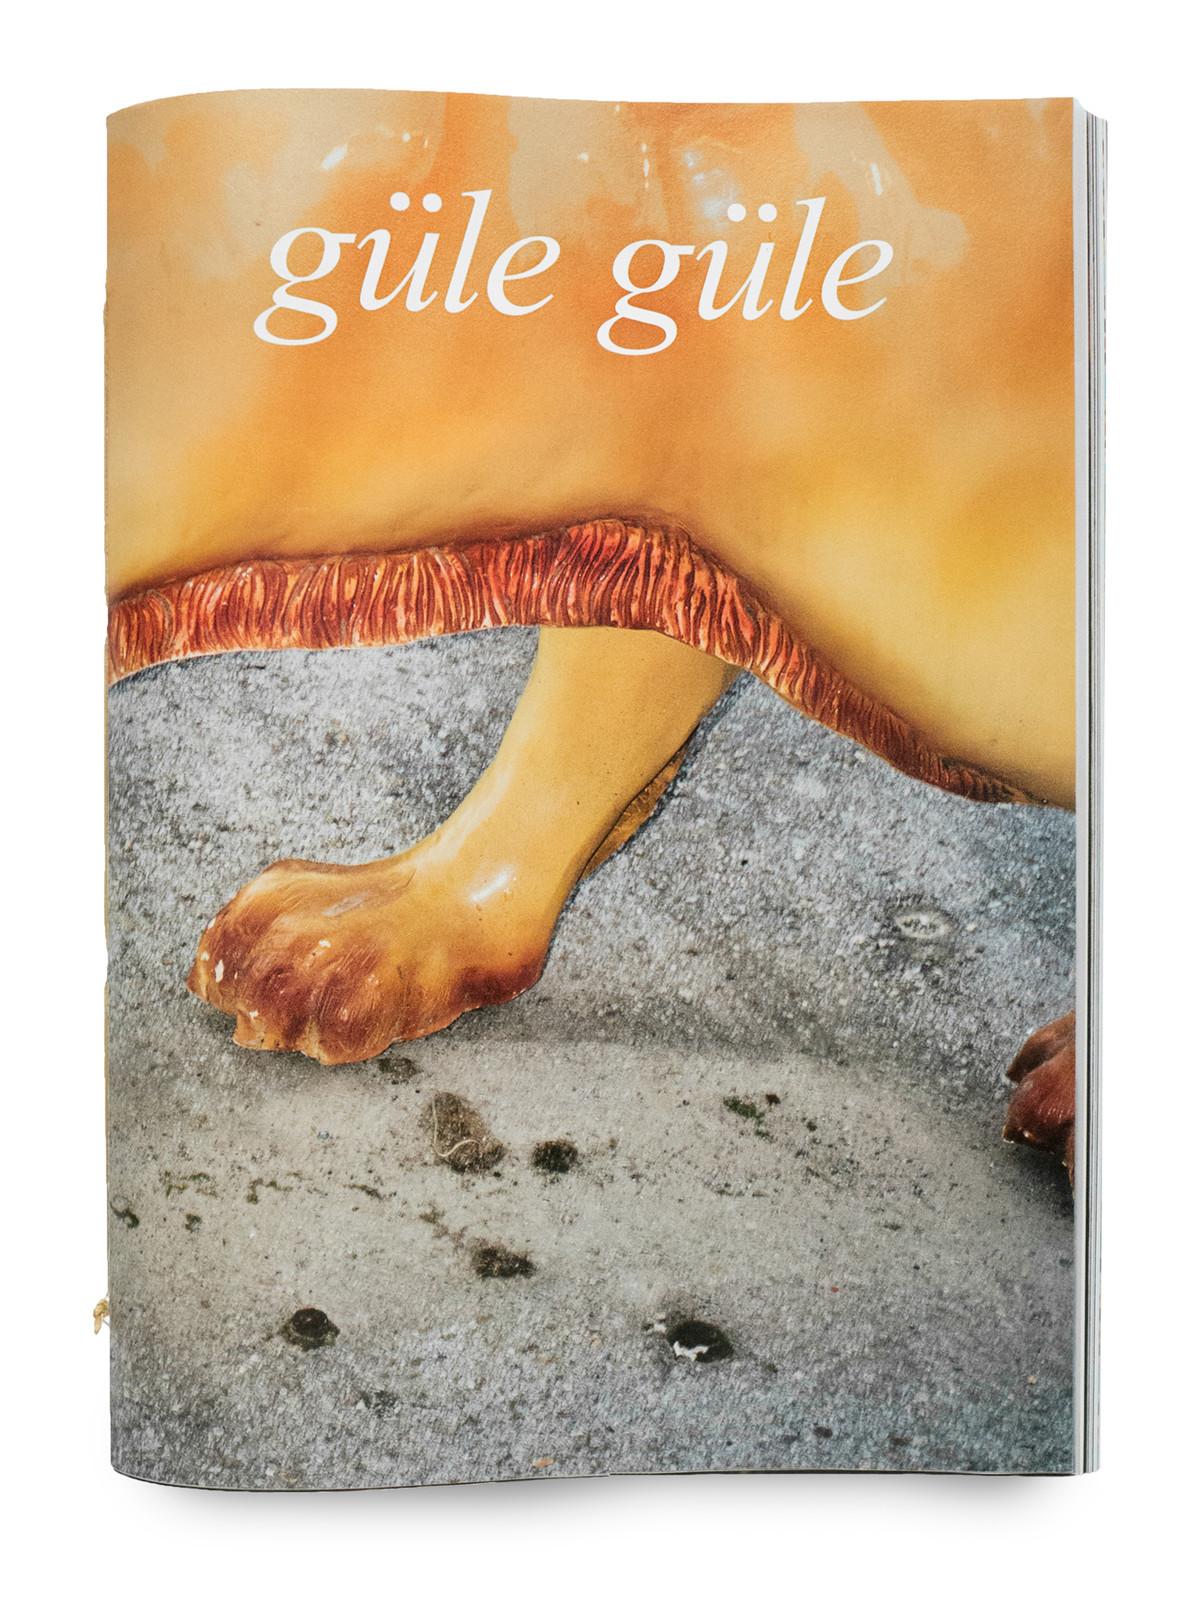 Gule cover book